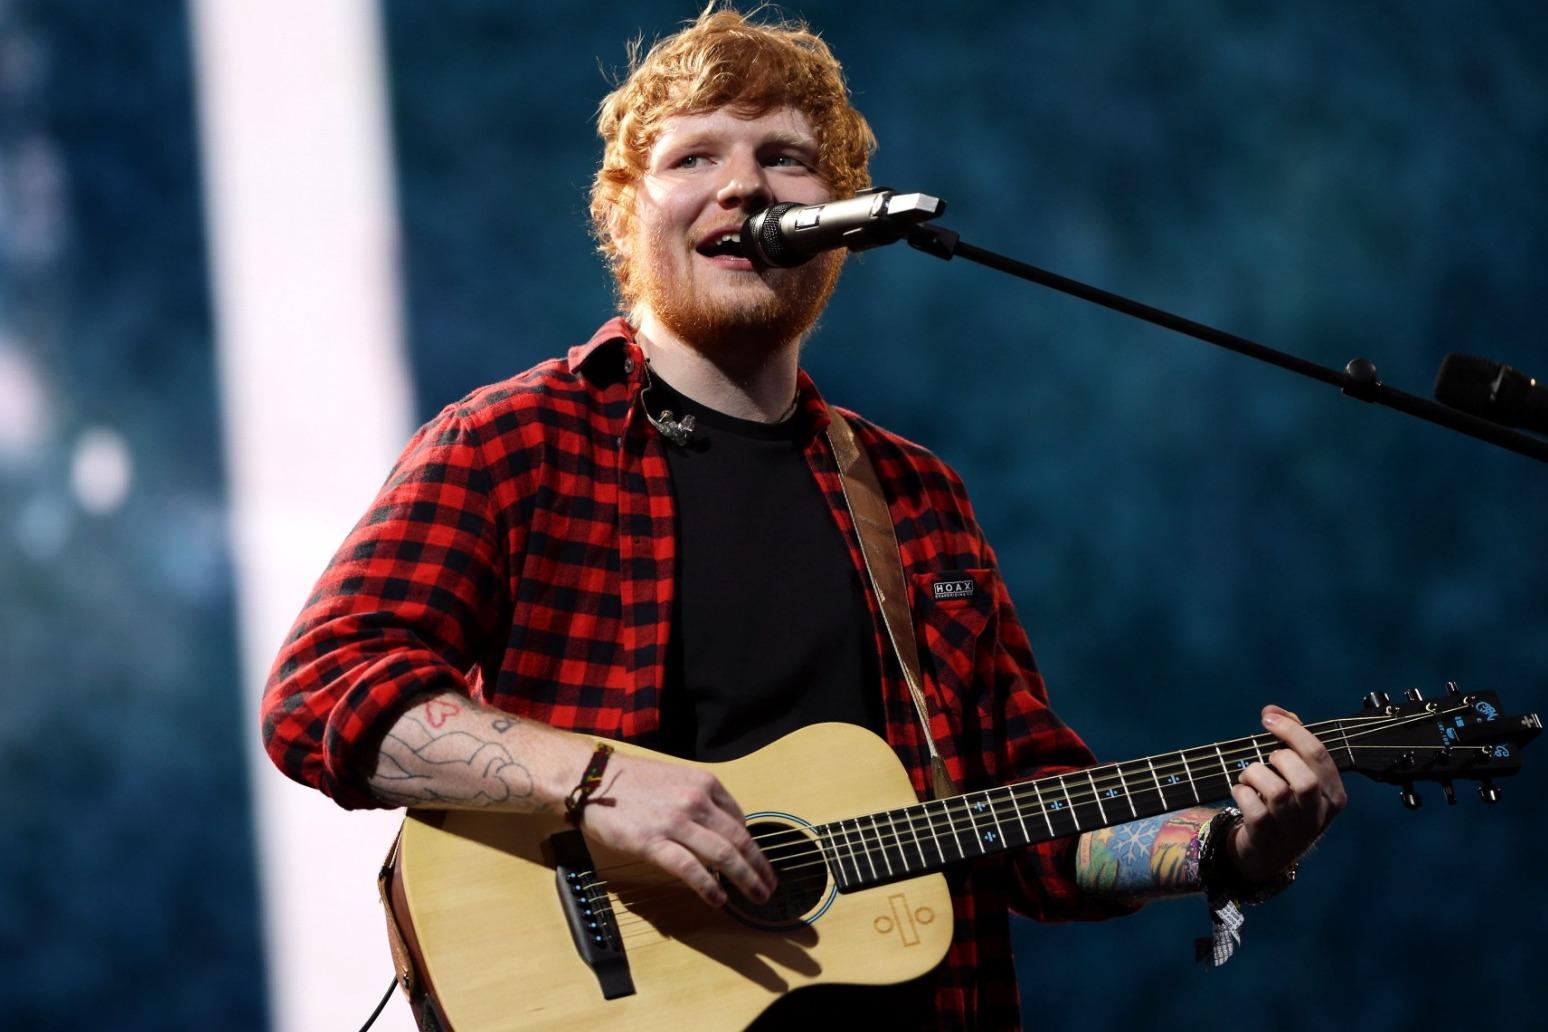 Ed Sheeran's Bad Habits gives him a new chart record